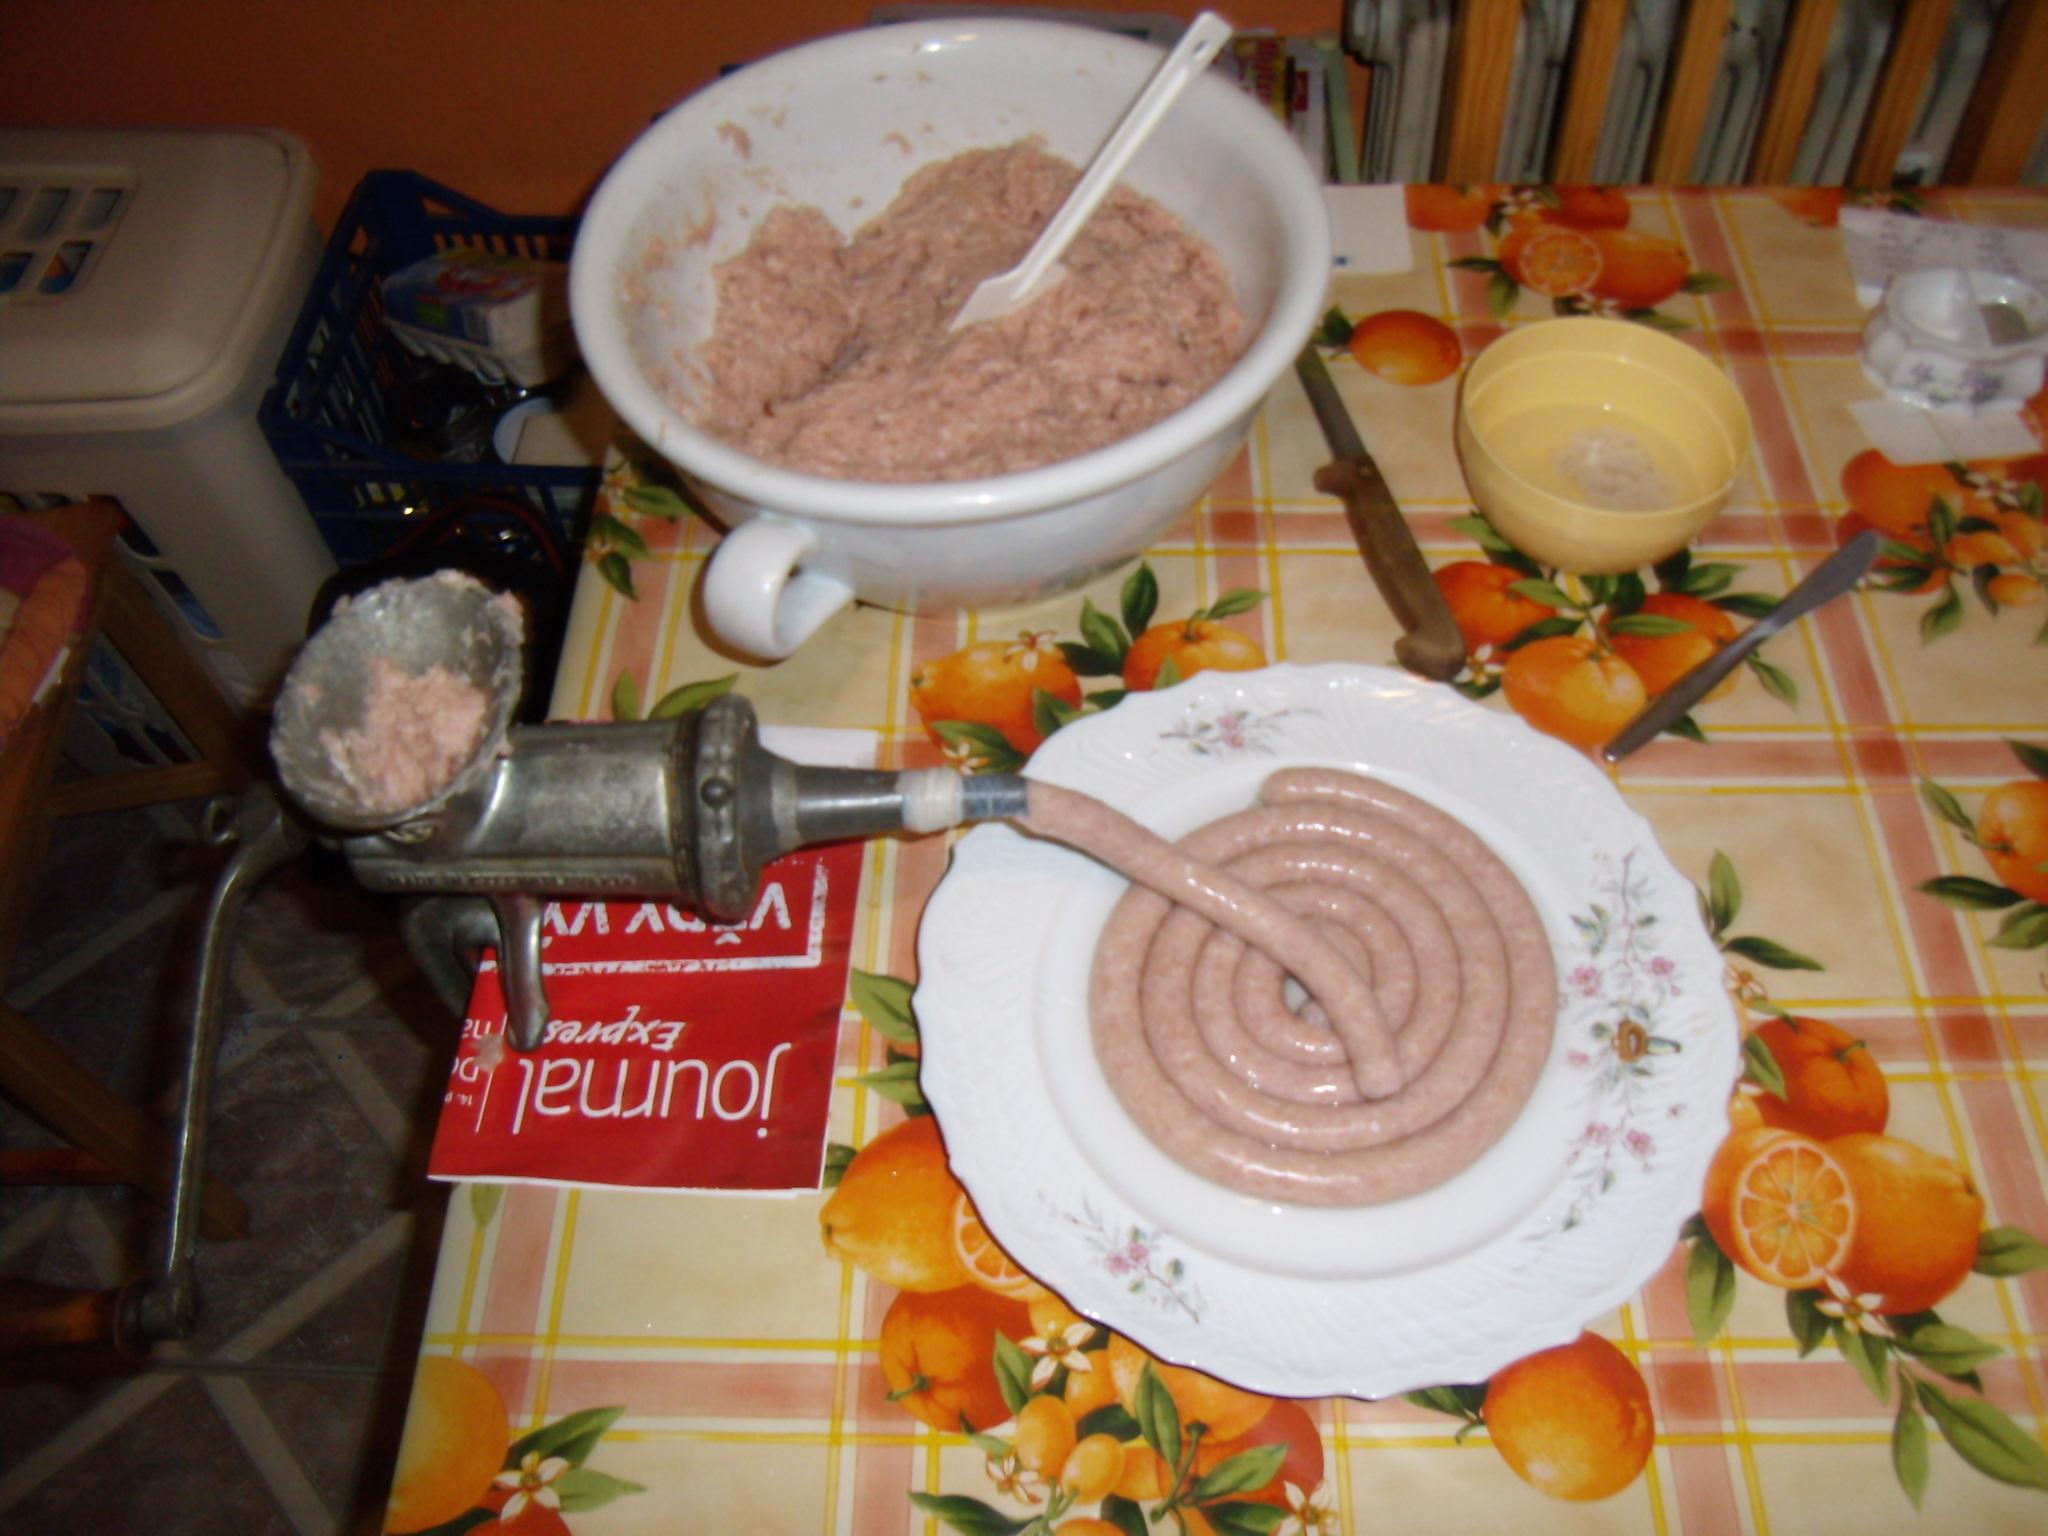 Recept Vinná klobása po domácku - Moje malá domácí narážka